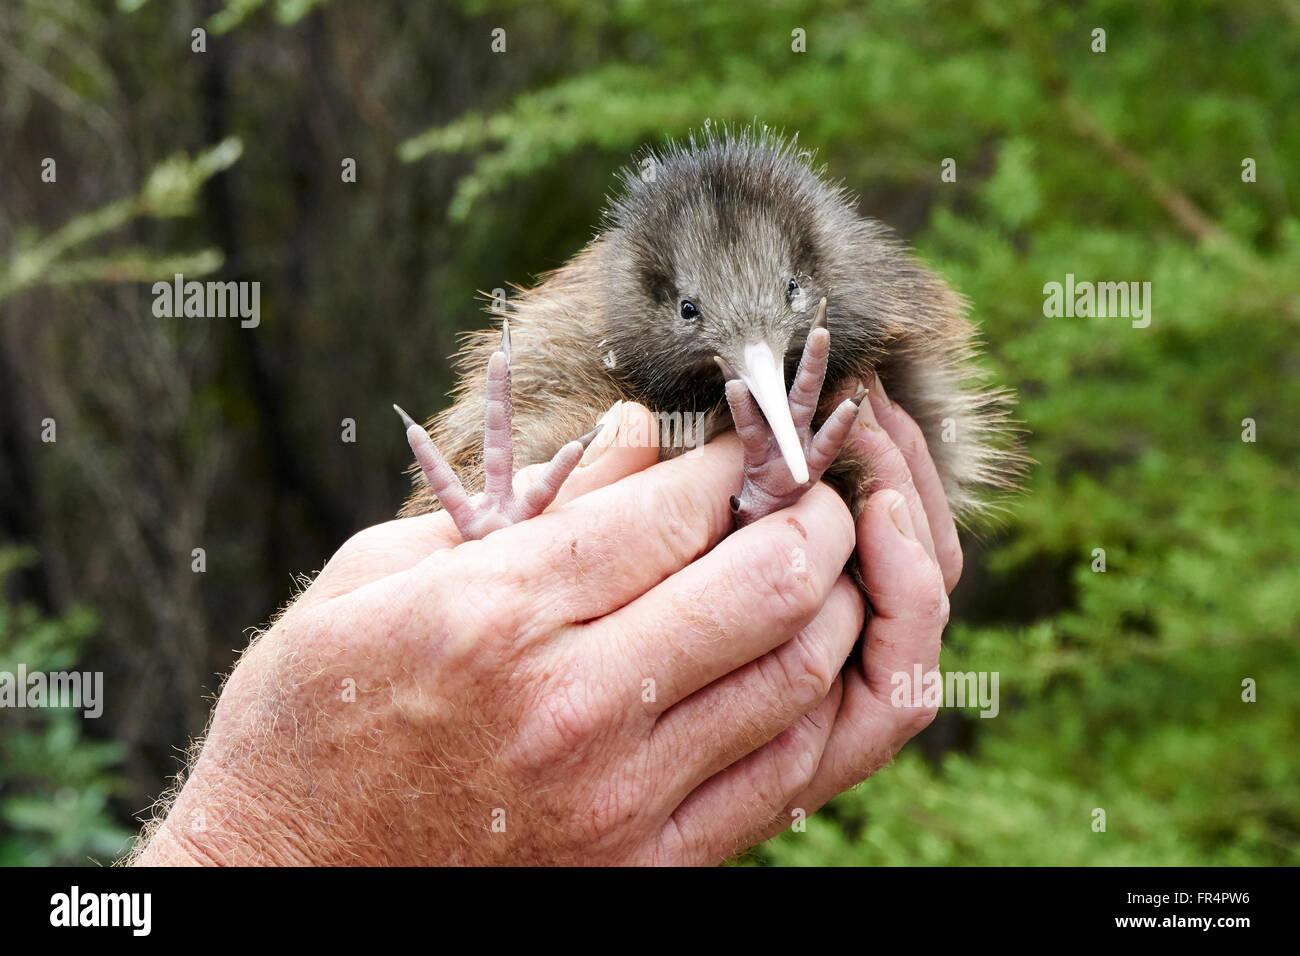 New Zealand Kiwi bird chick - Stock Image